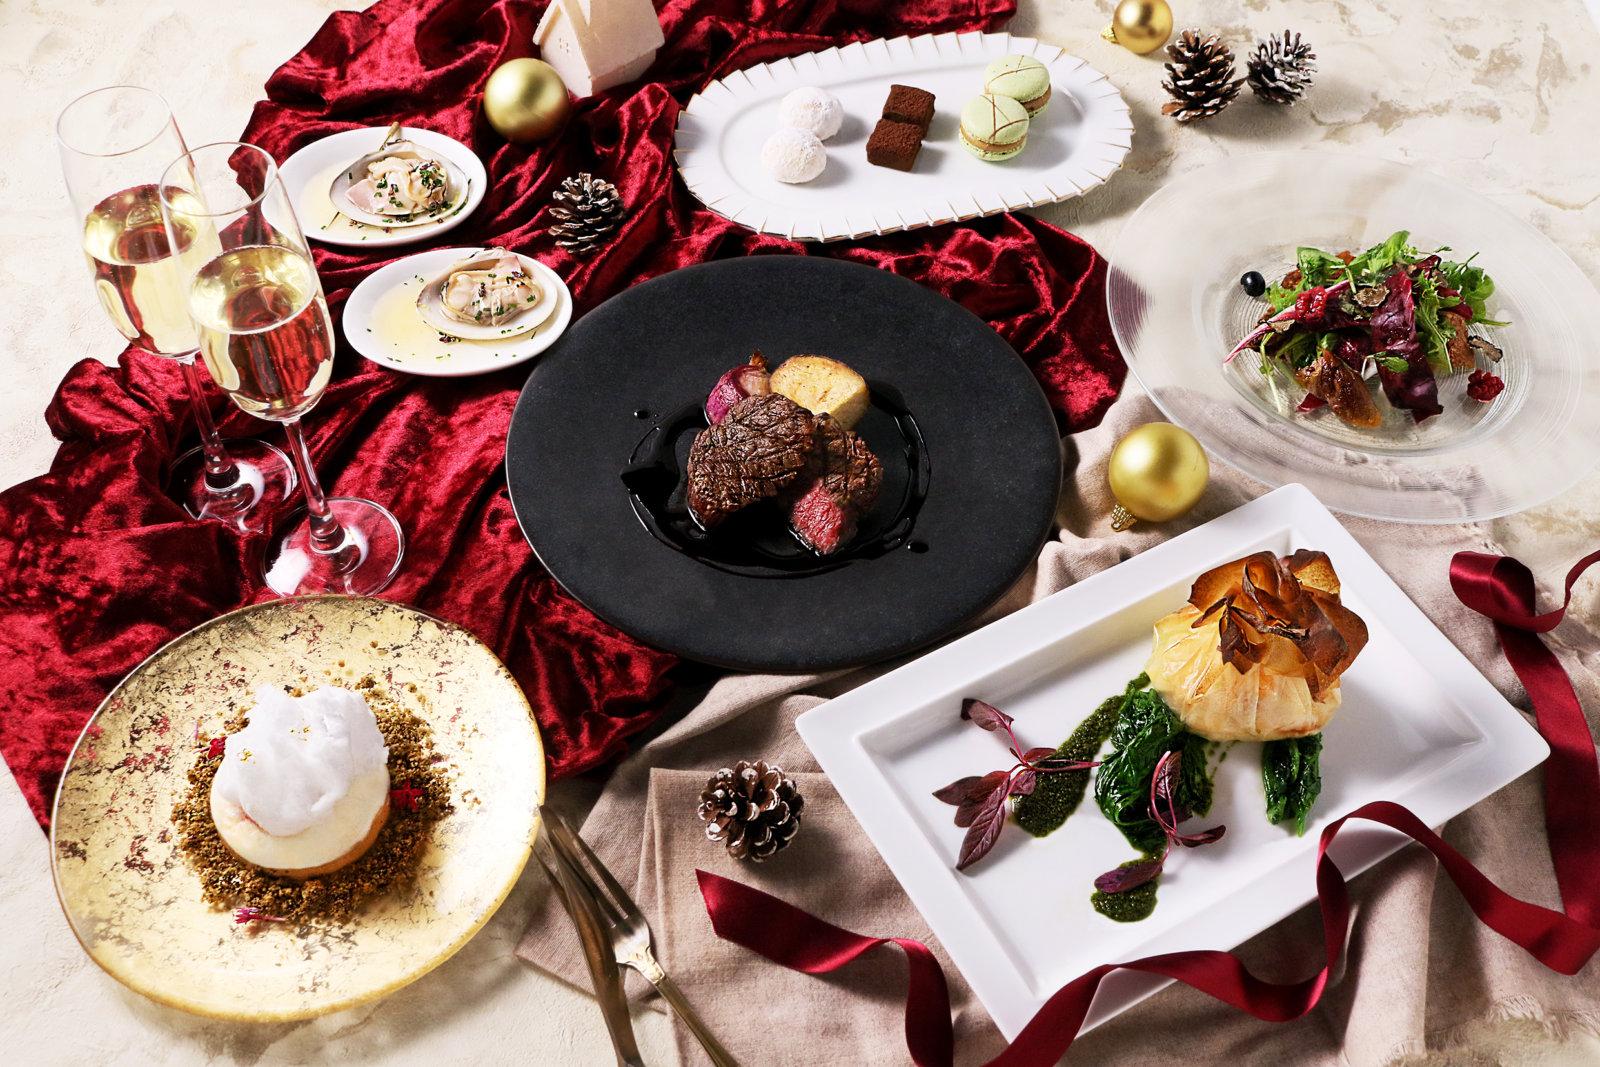 """聖夜を彩るクリスマス限定ディナー『Baru&Bistro*musiQ """"mood board""""』で至福のひとときを。《2019年12月23日(月)~12月25日(水)》"""